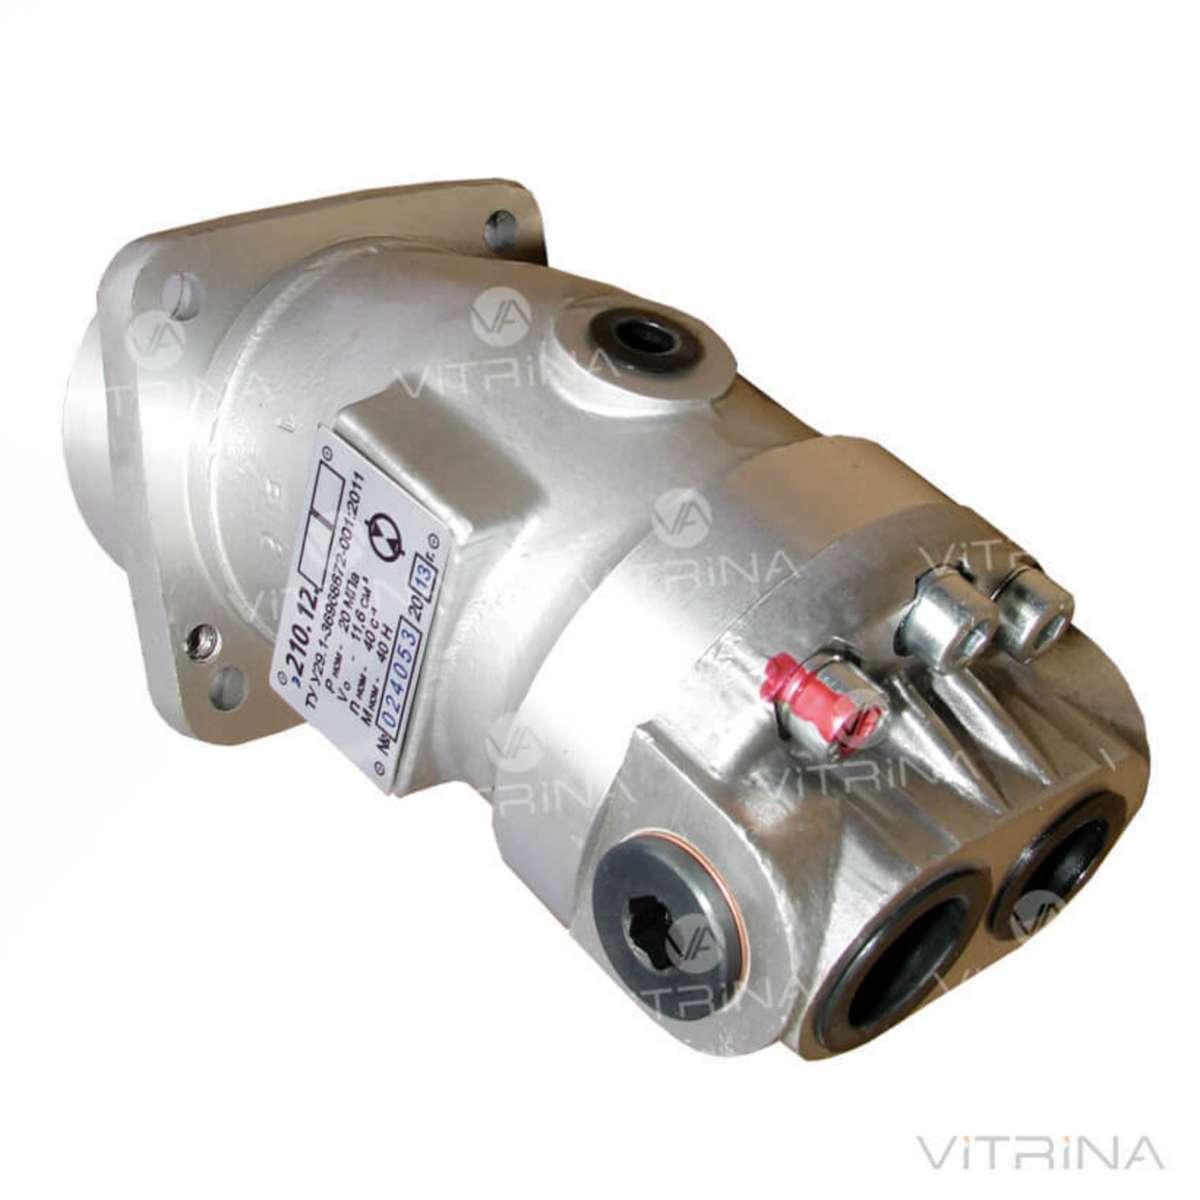 Гидромотор аксиально-поршневой 210.12.11.01Г | шлицевой вал, реверс